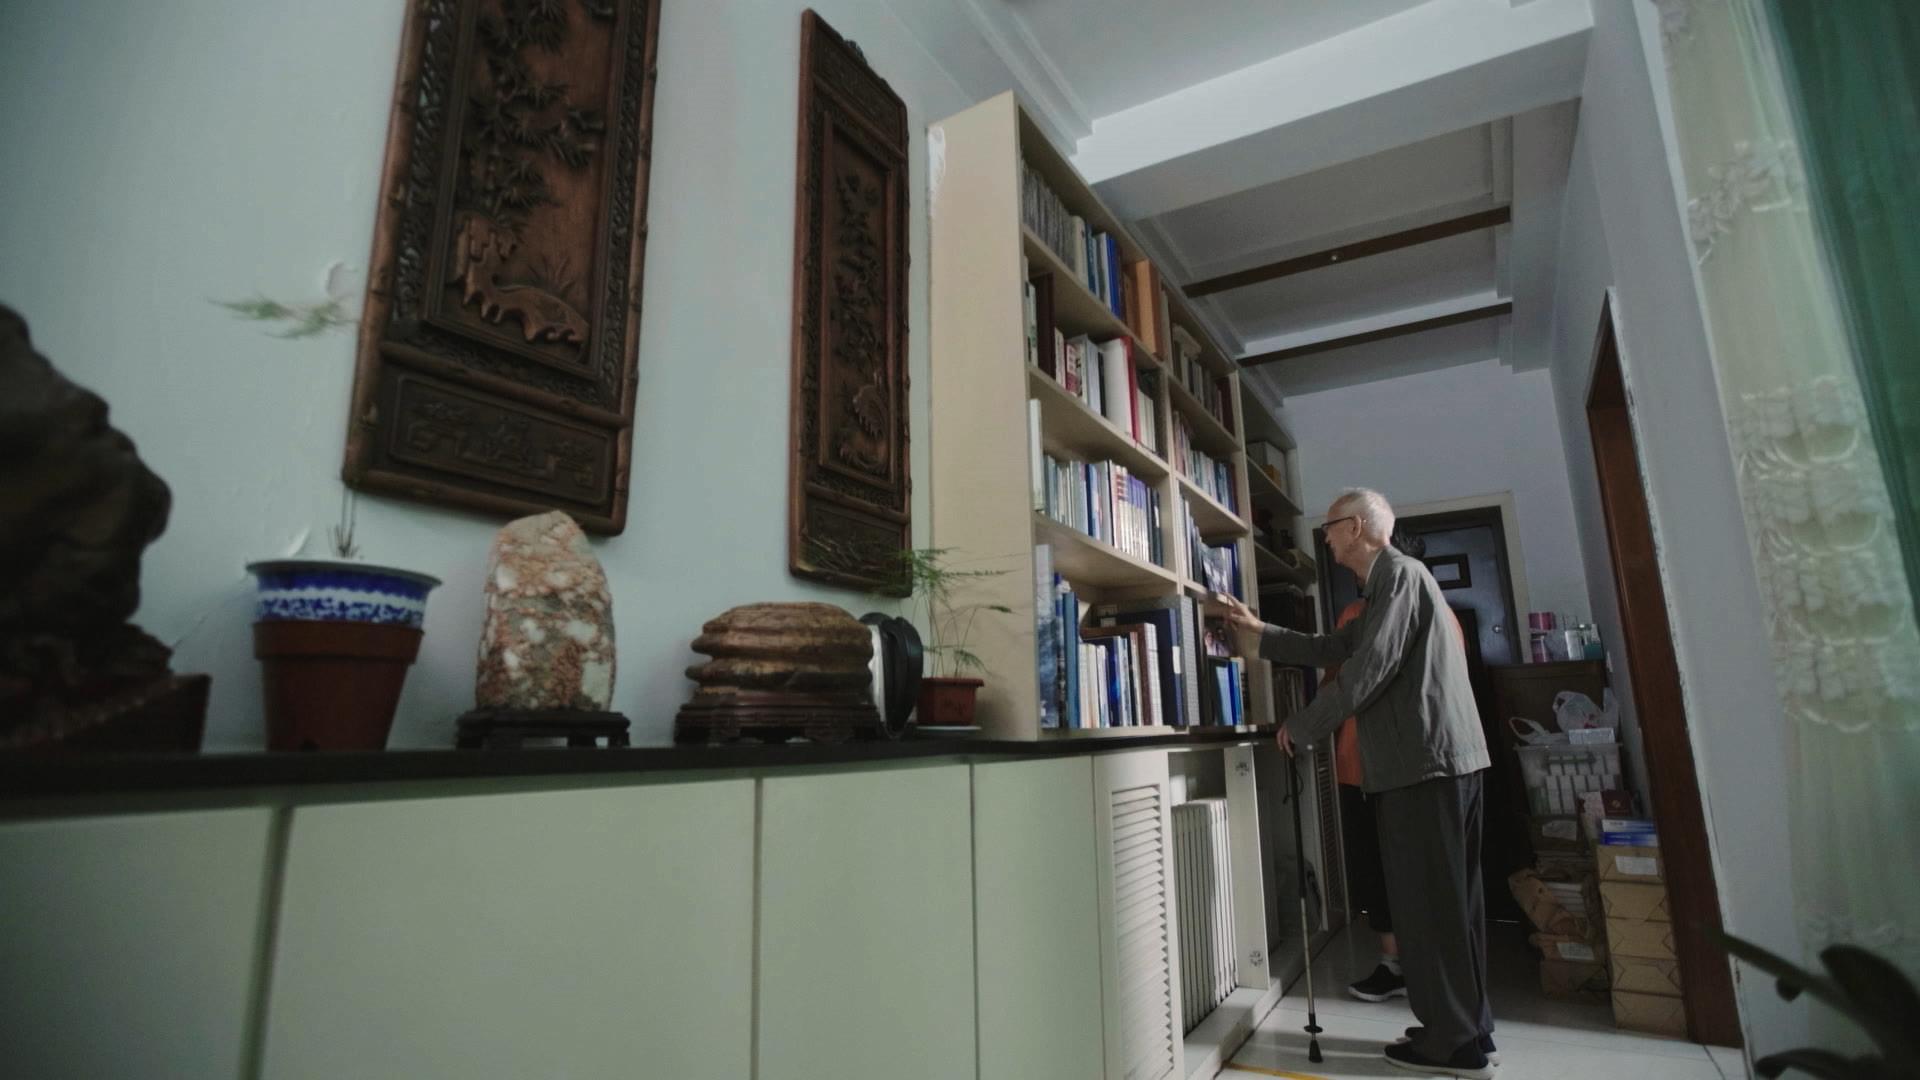 《美丽中国》 第四集 《生态文明之路》_新闻频道_央视网(cctv.com